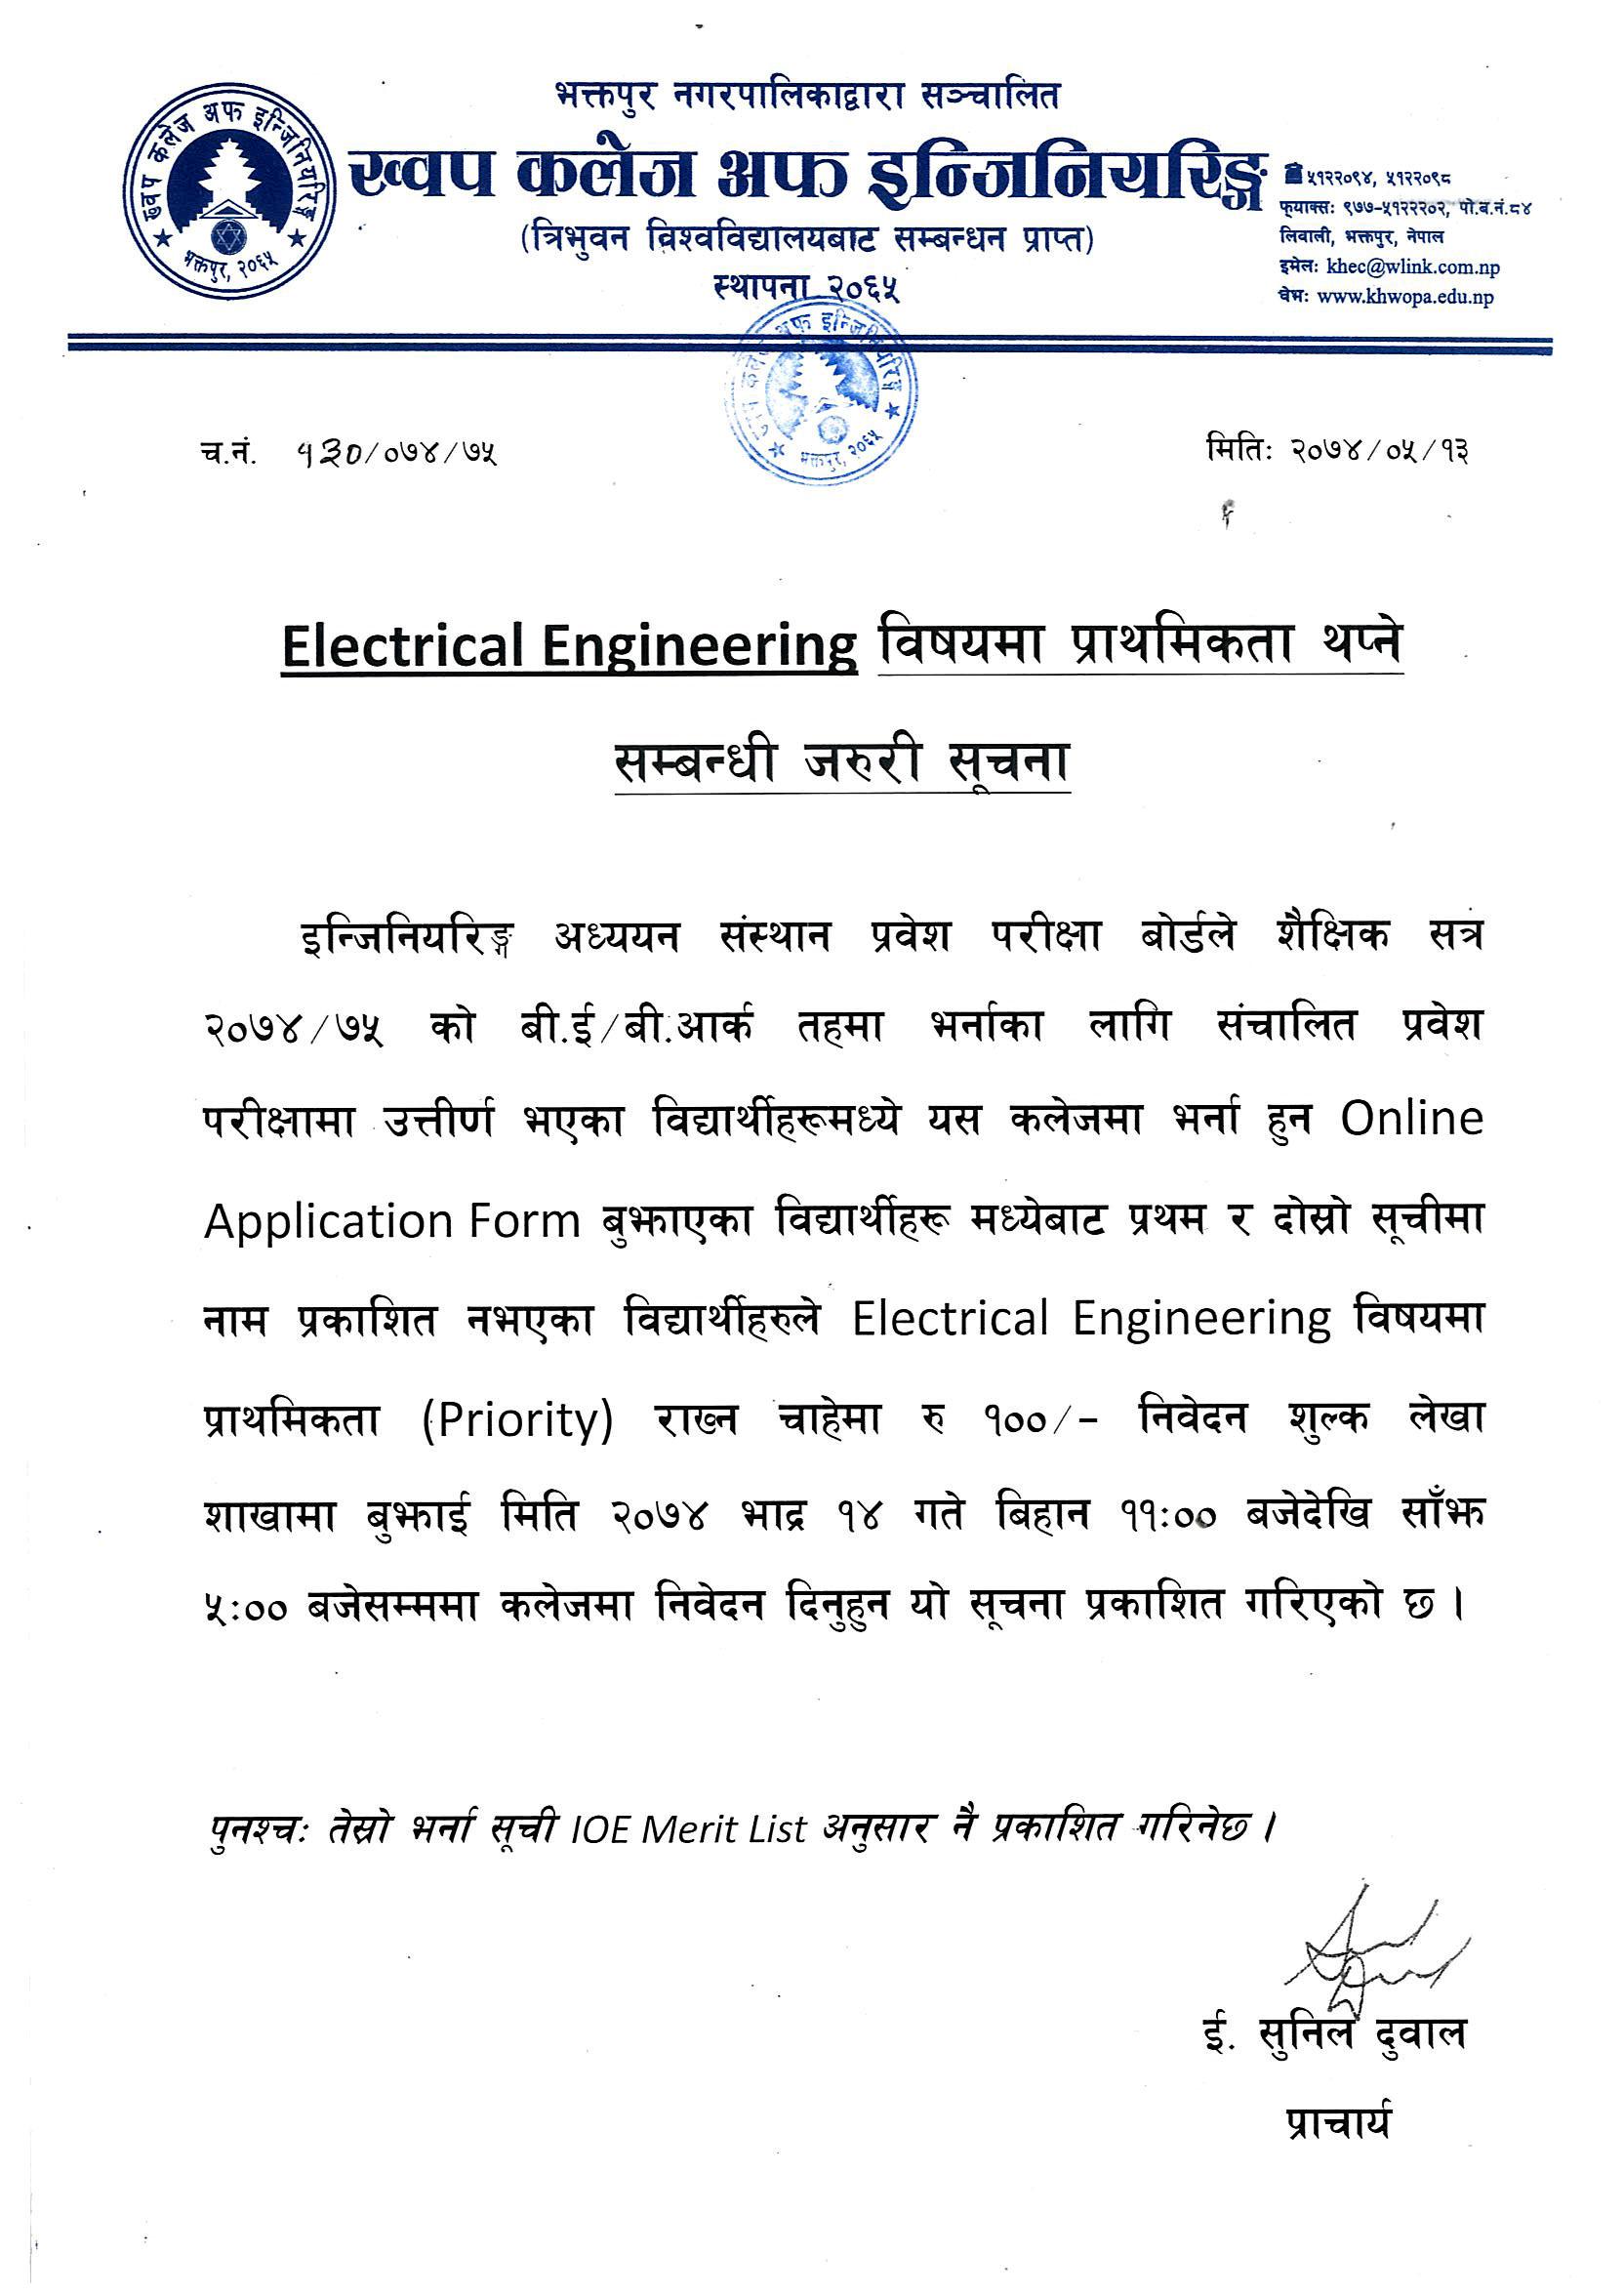 Electrical Engineering विषयमा प्राथमिकता थप्ने सम्बन्धी जरूरी सूचना